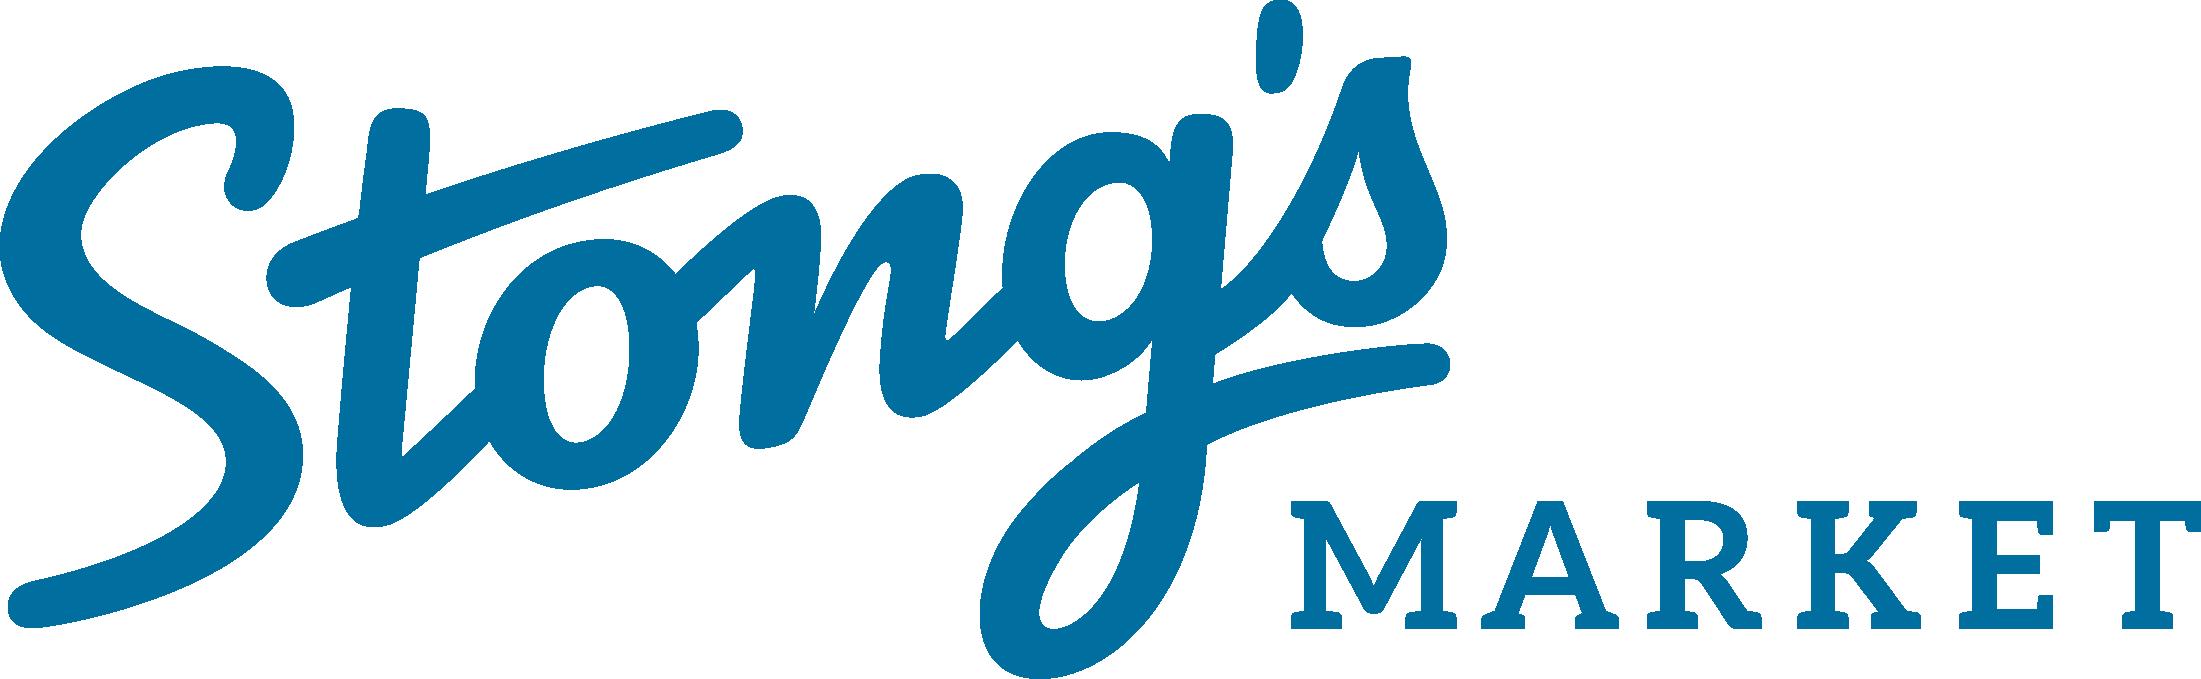 Stongs_logo.png